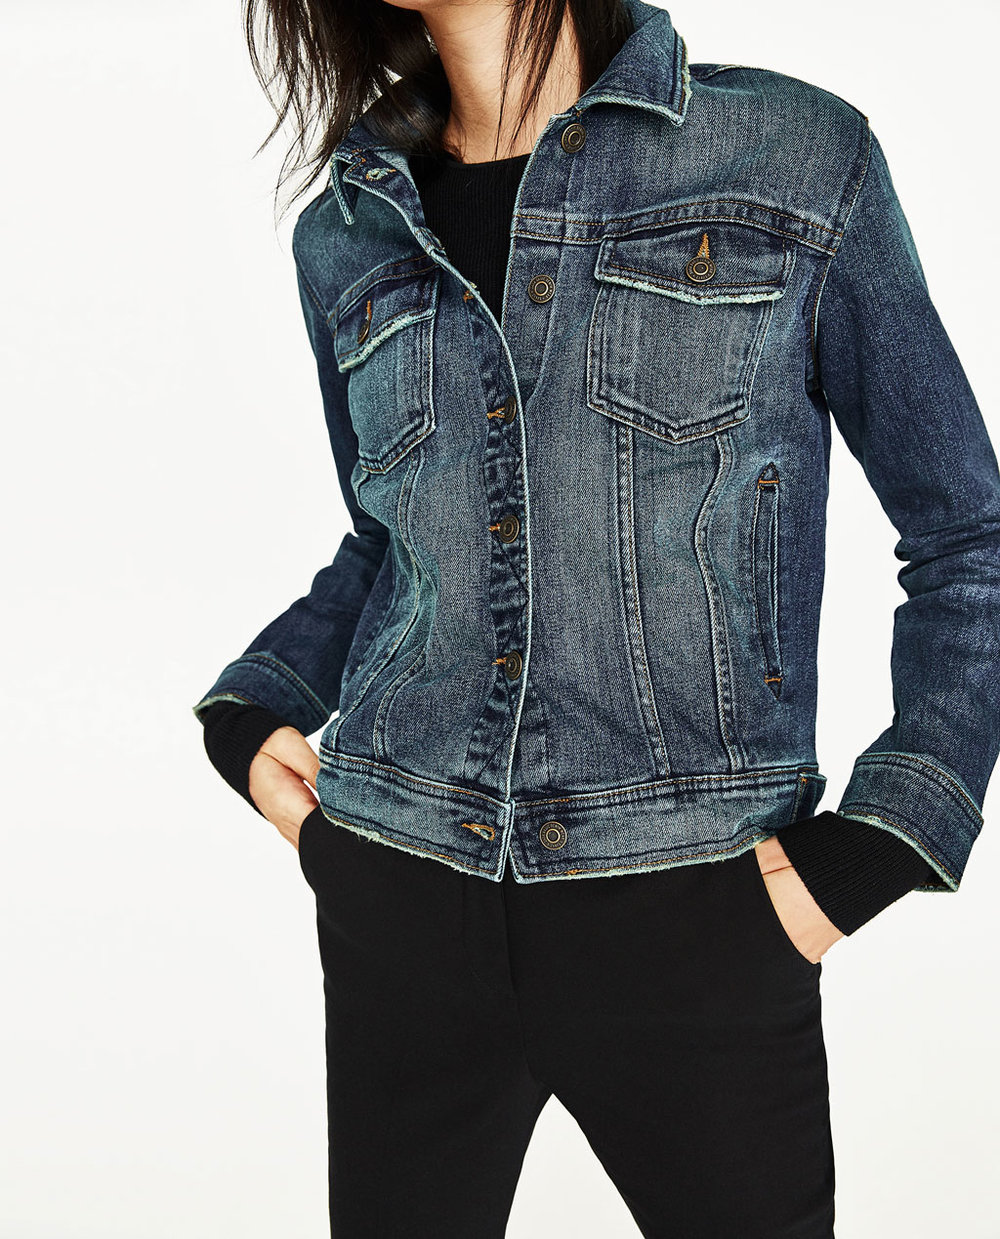 ZARA Woman's Denim Jacket